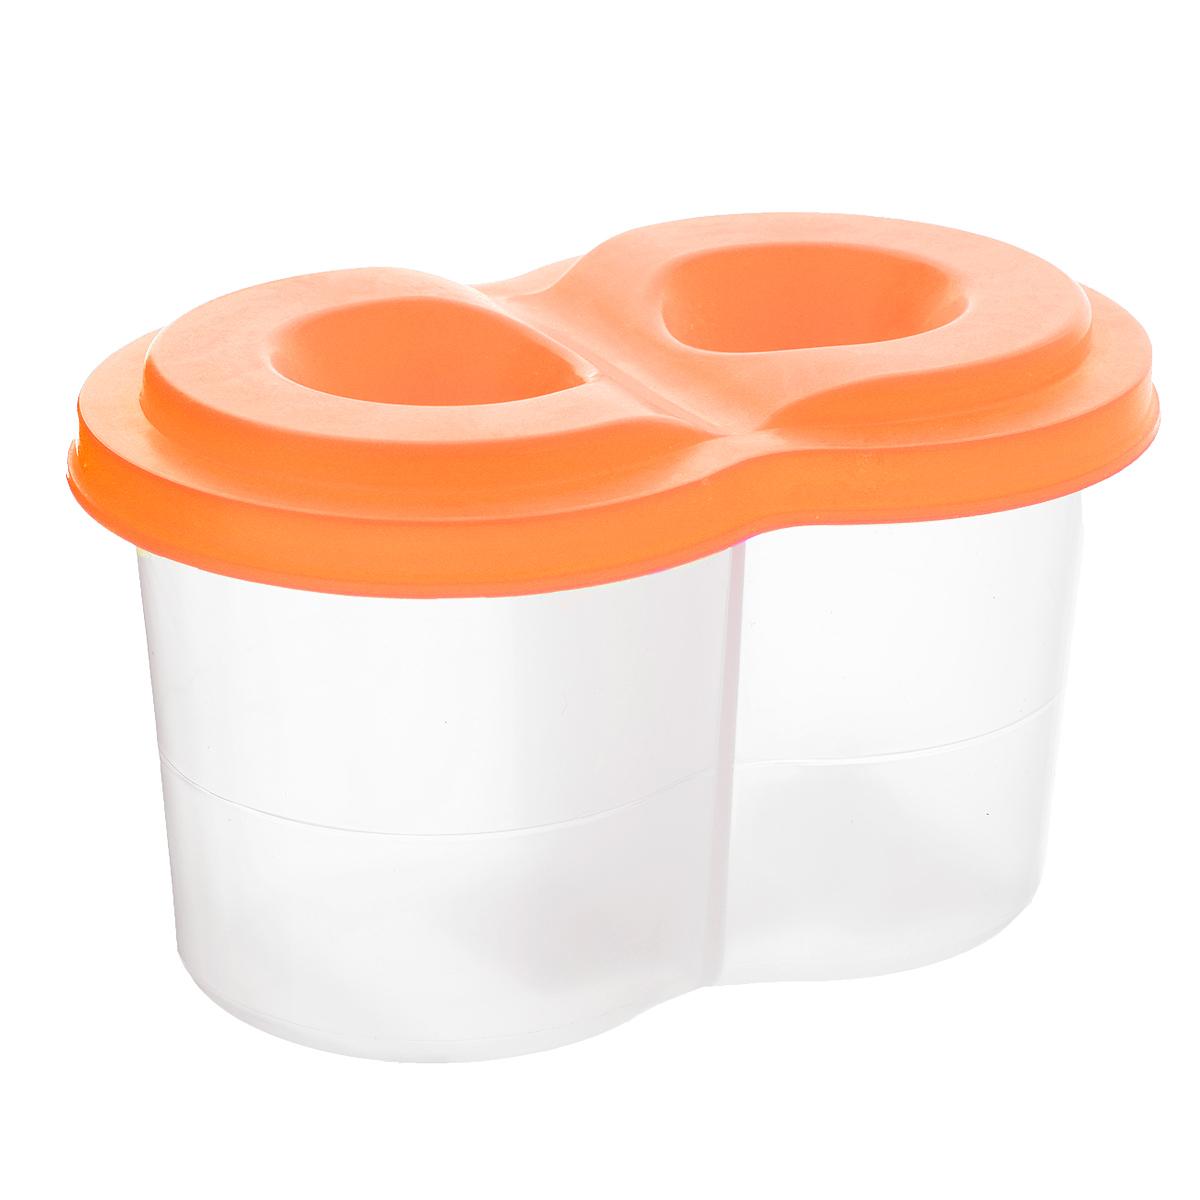 Луч Стакан-непроливайка двойной цвет оранжевый13С 964-08_оранжевыйСтакан-непроливайка Луч, двойной станет незаменимым атрибутом в процессе рисования детского шедевра. Стакан имеет два отделения для чистой и грязной воды, а также оснащен плотно прилегающей крышкой, на которой есть специальные отверстия для кисточек. Cтенка стакана оснащена специальной линией, которая указывает на максимально возможный уровень наполнения его водой.